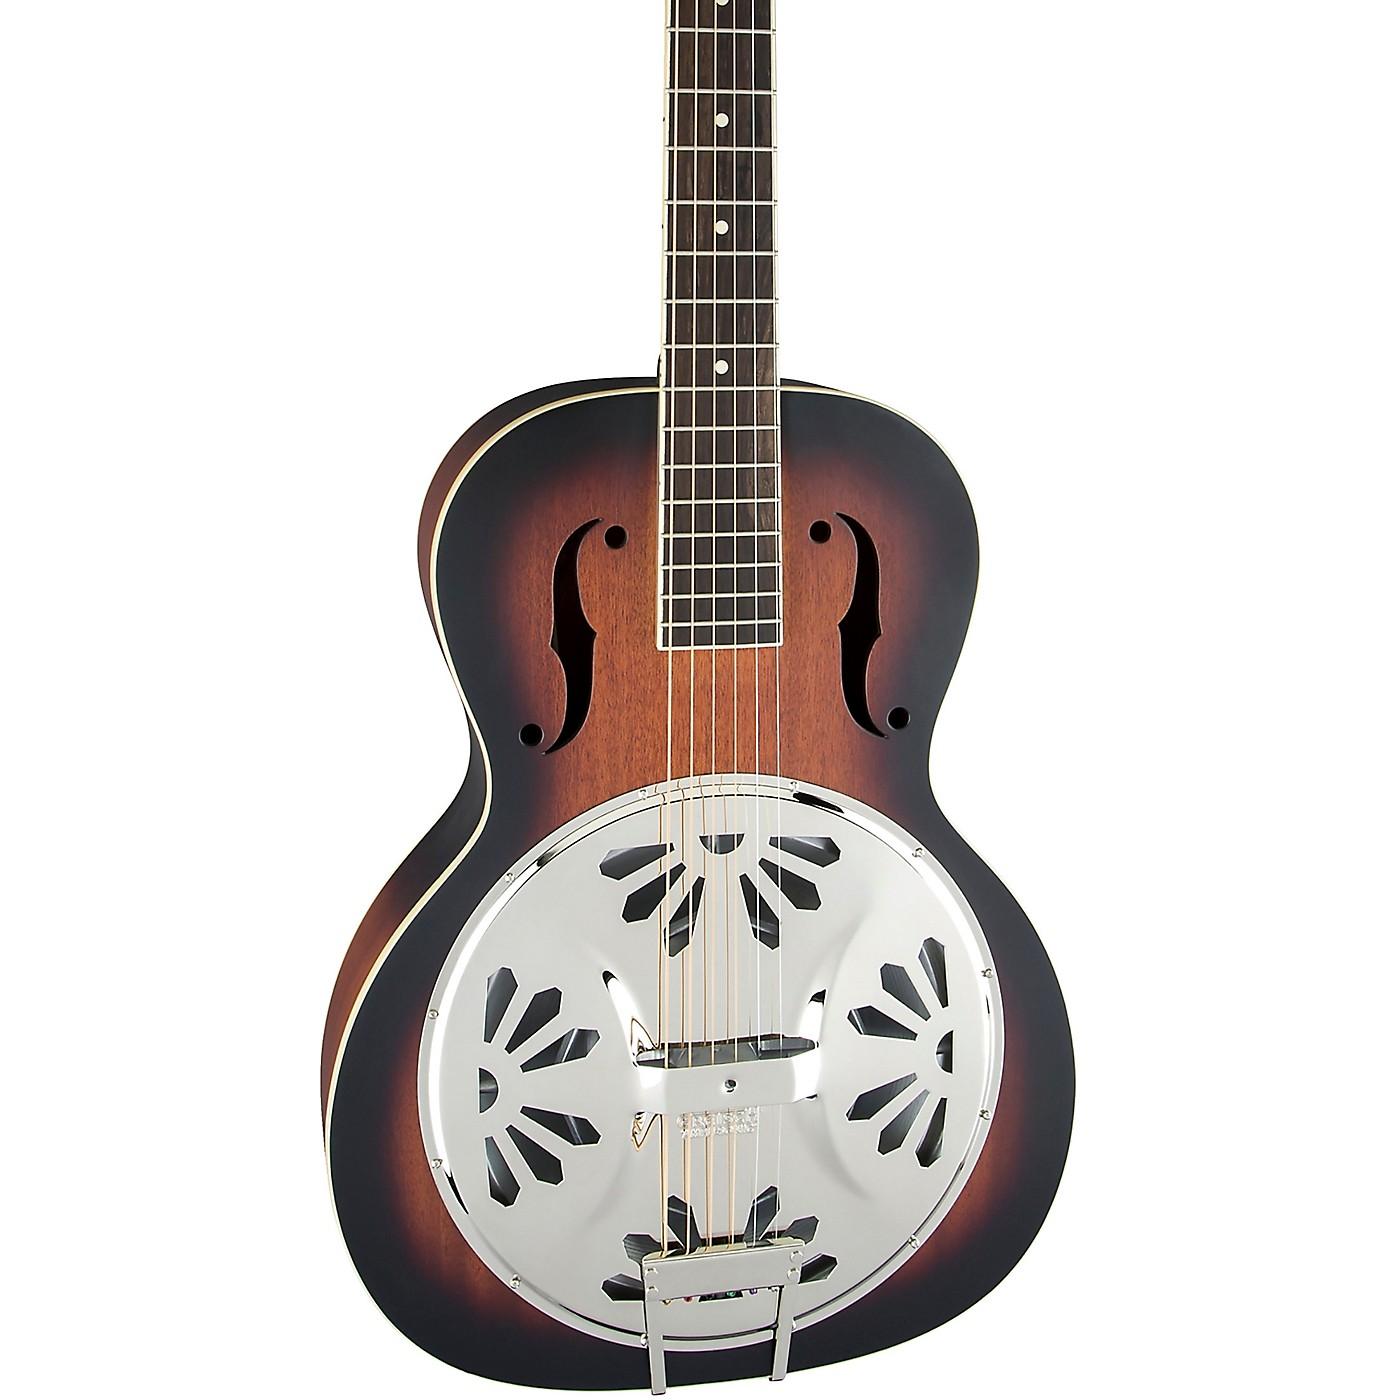 Gretsch Guitars G9220 Bobtail Round-Neck Resonator Guitar, Spider Cone thumbnail